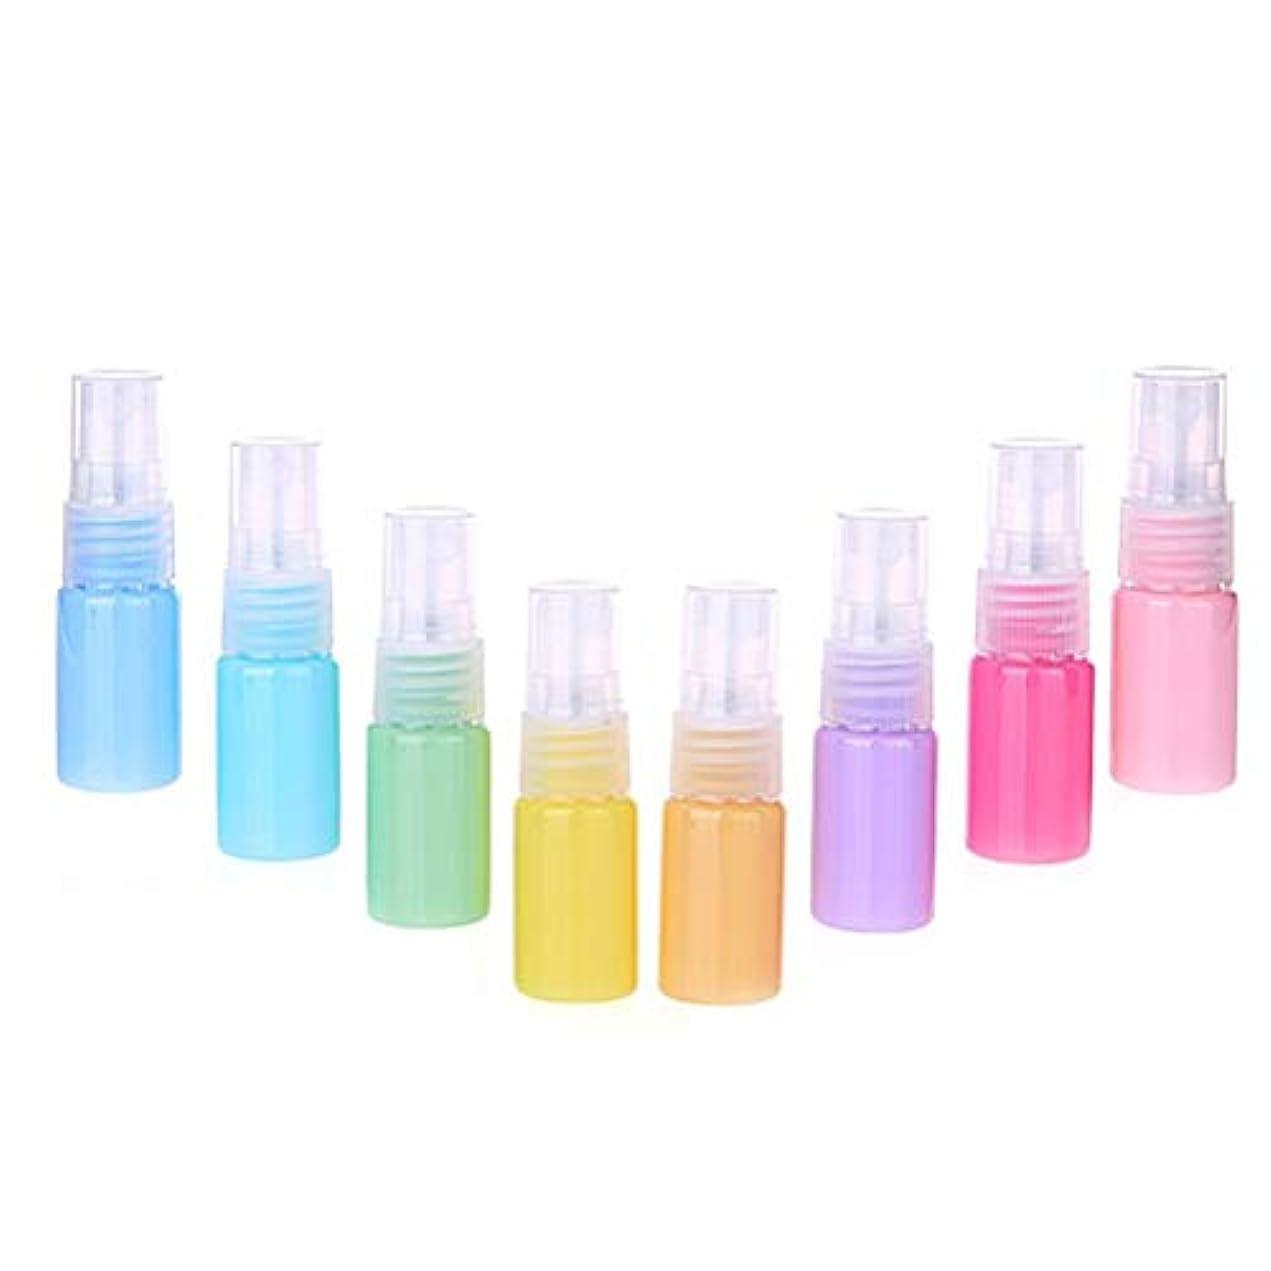 スクレーパー先住民とてもFrcolor 8ピース 30ml スプレー空ボトル カラフルな 耐久性 収納ボトル 化粧品水 旅行アクセサリー (混合色)